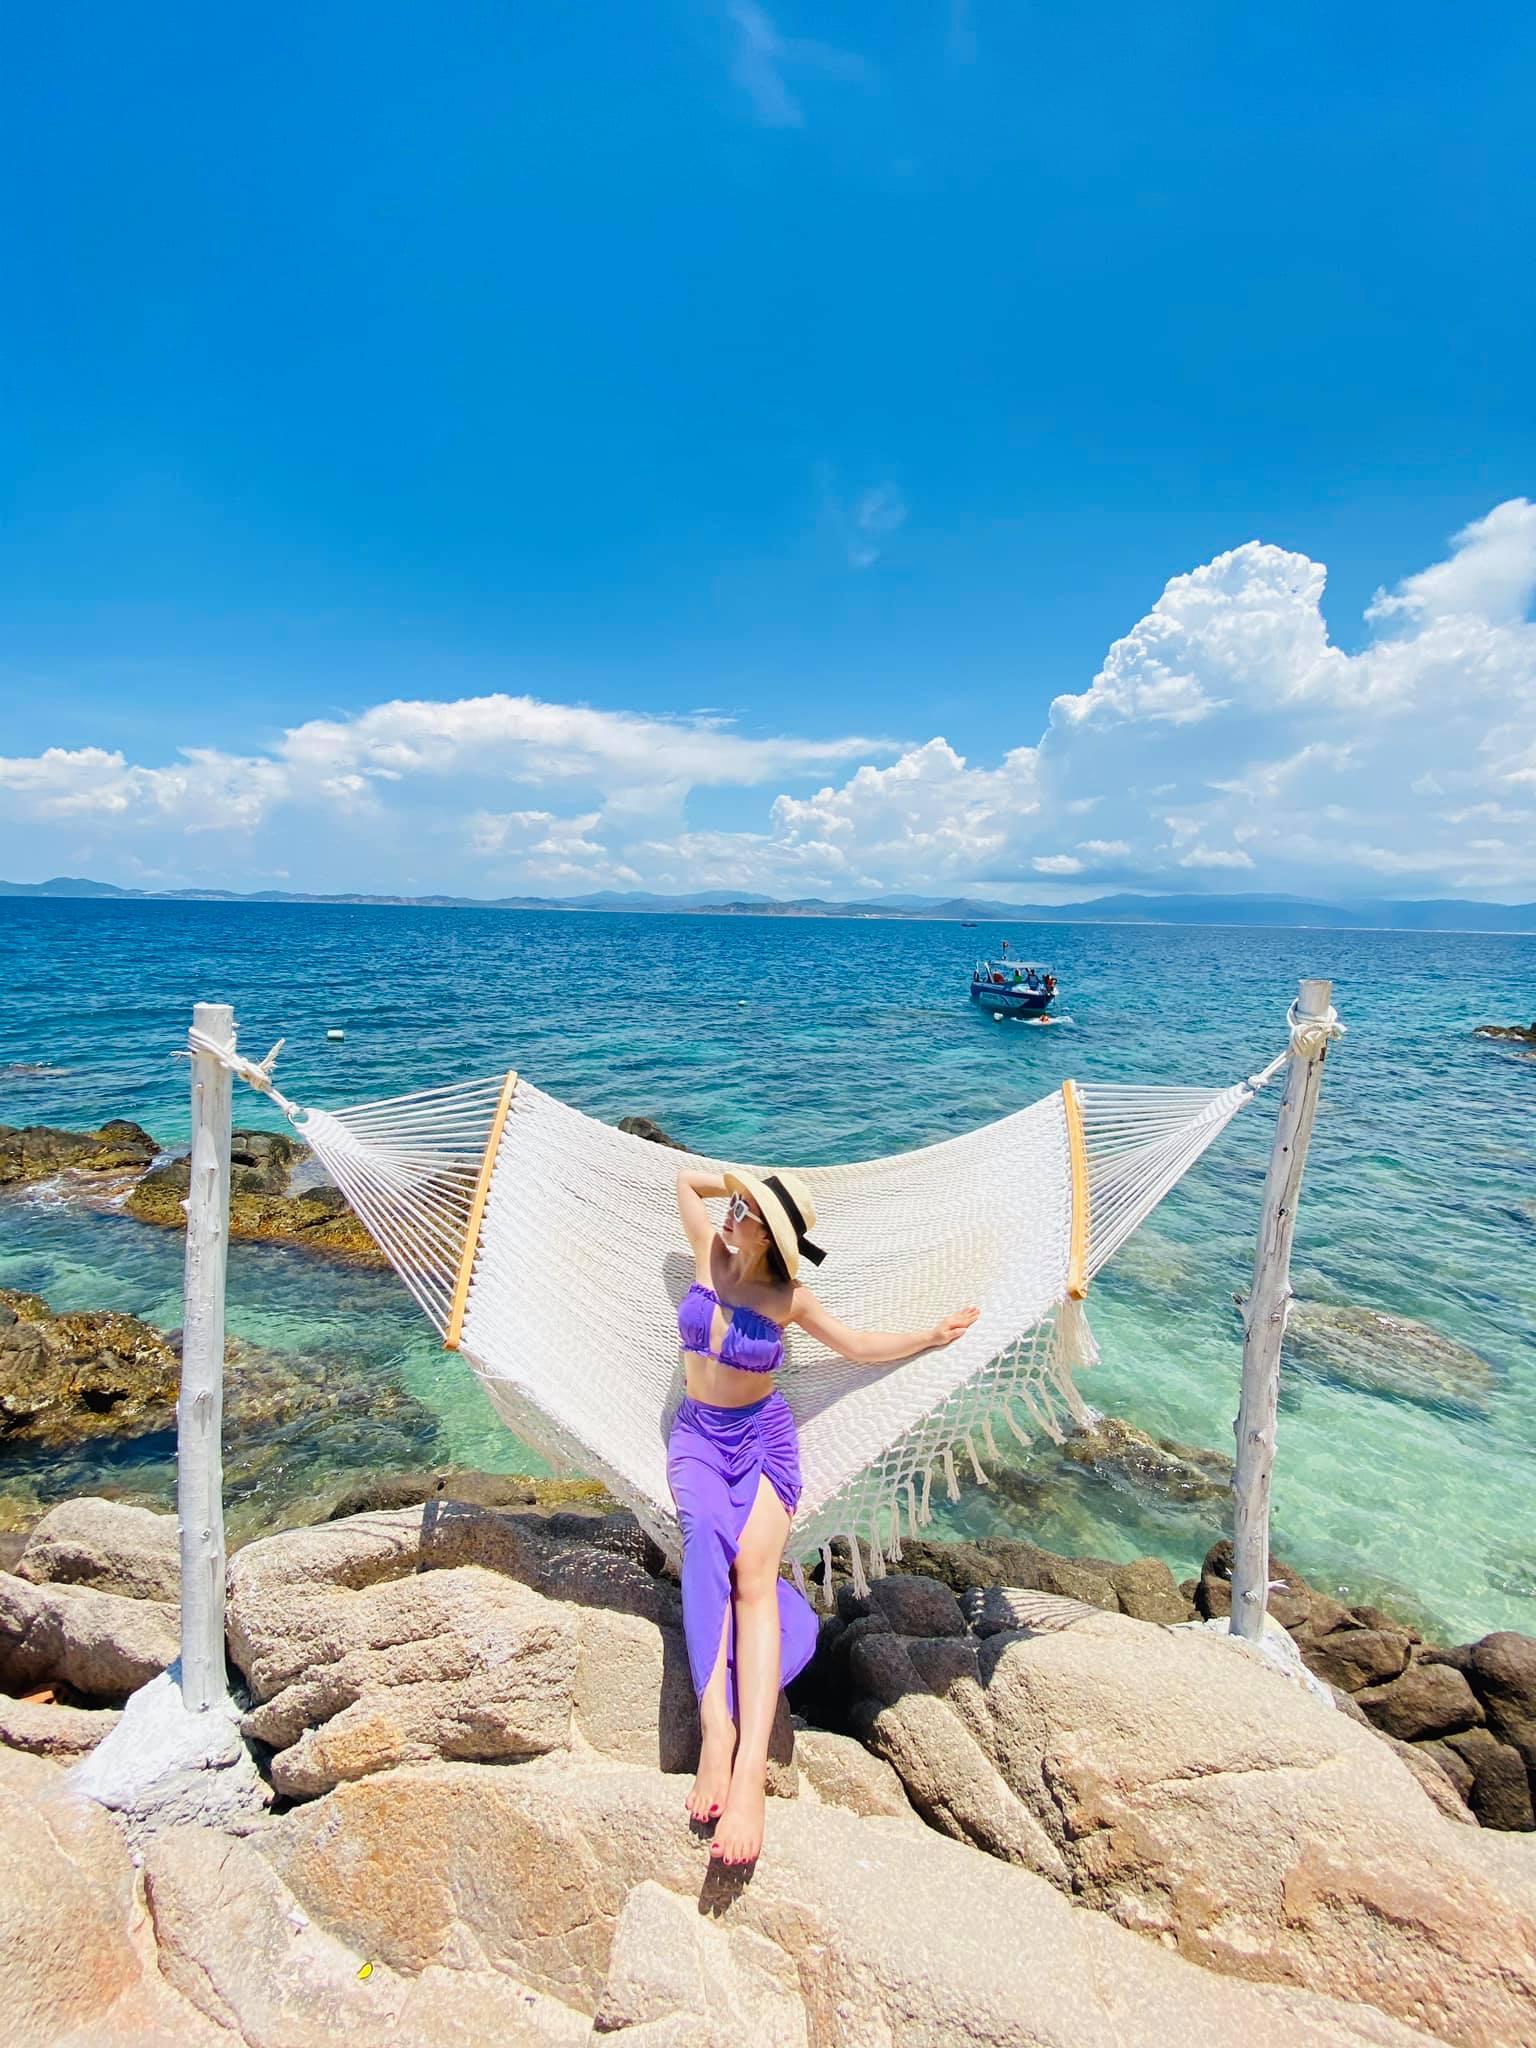 Du lịch Cù Lao Xanh Quy Nhơn - Khám phá 'đường đi nước bước' chi tiết trong mùa hè này - Ảnh 4.